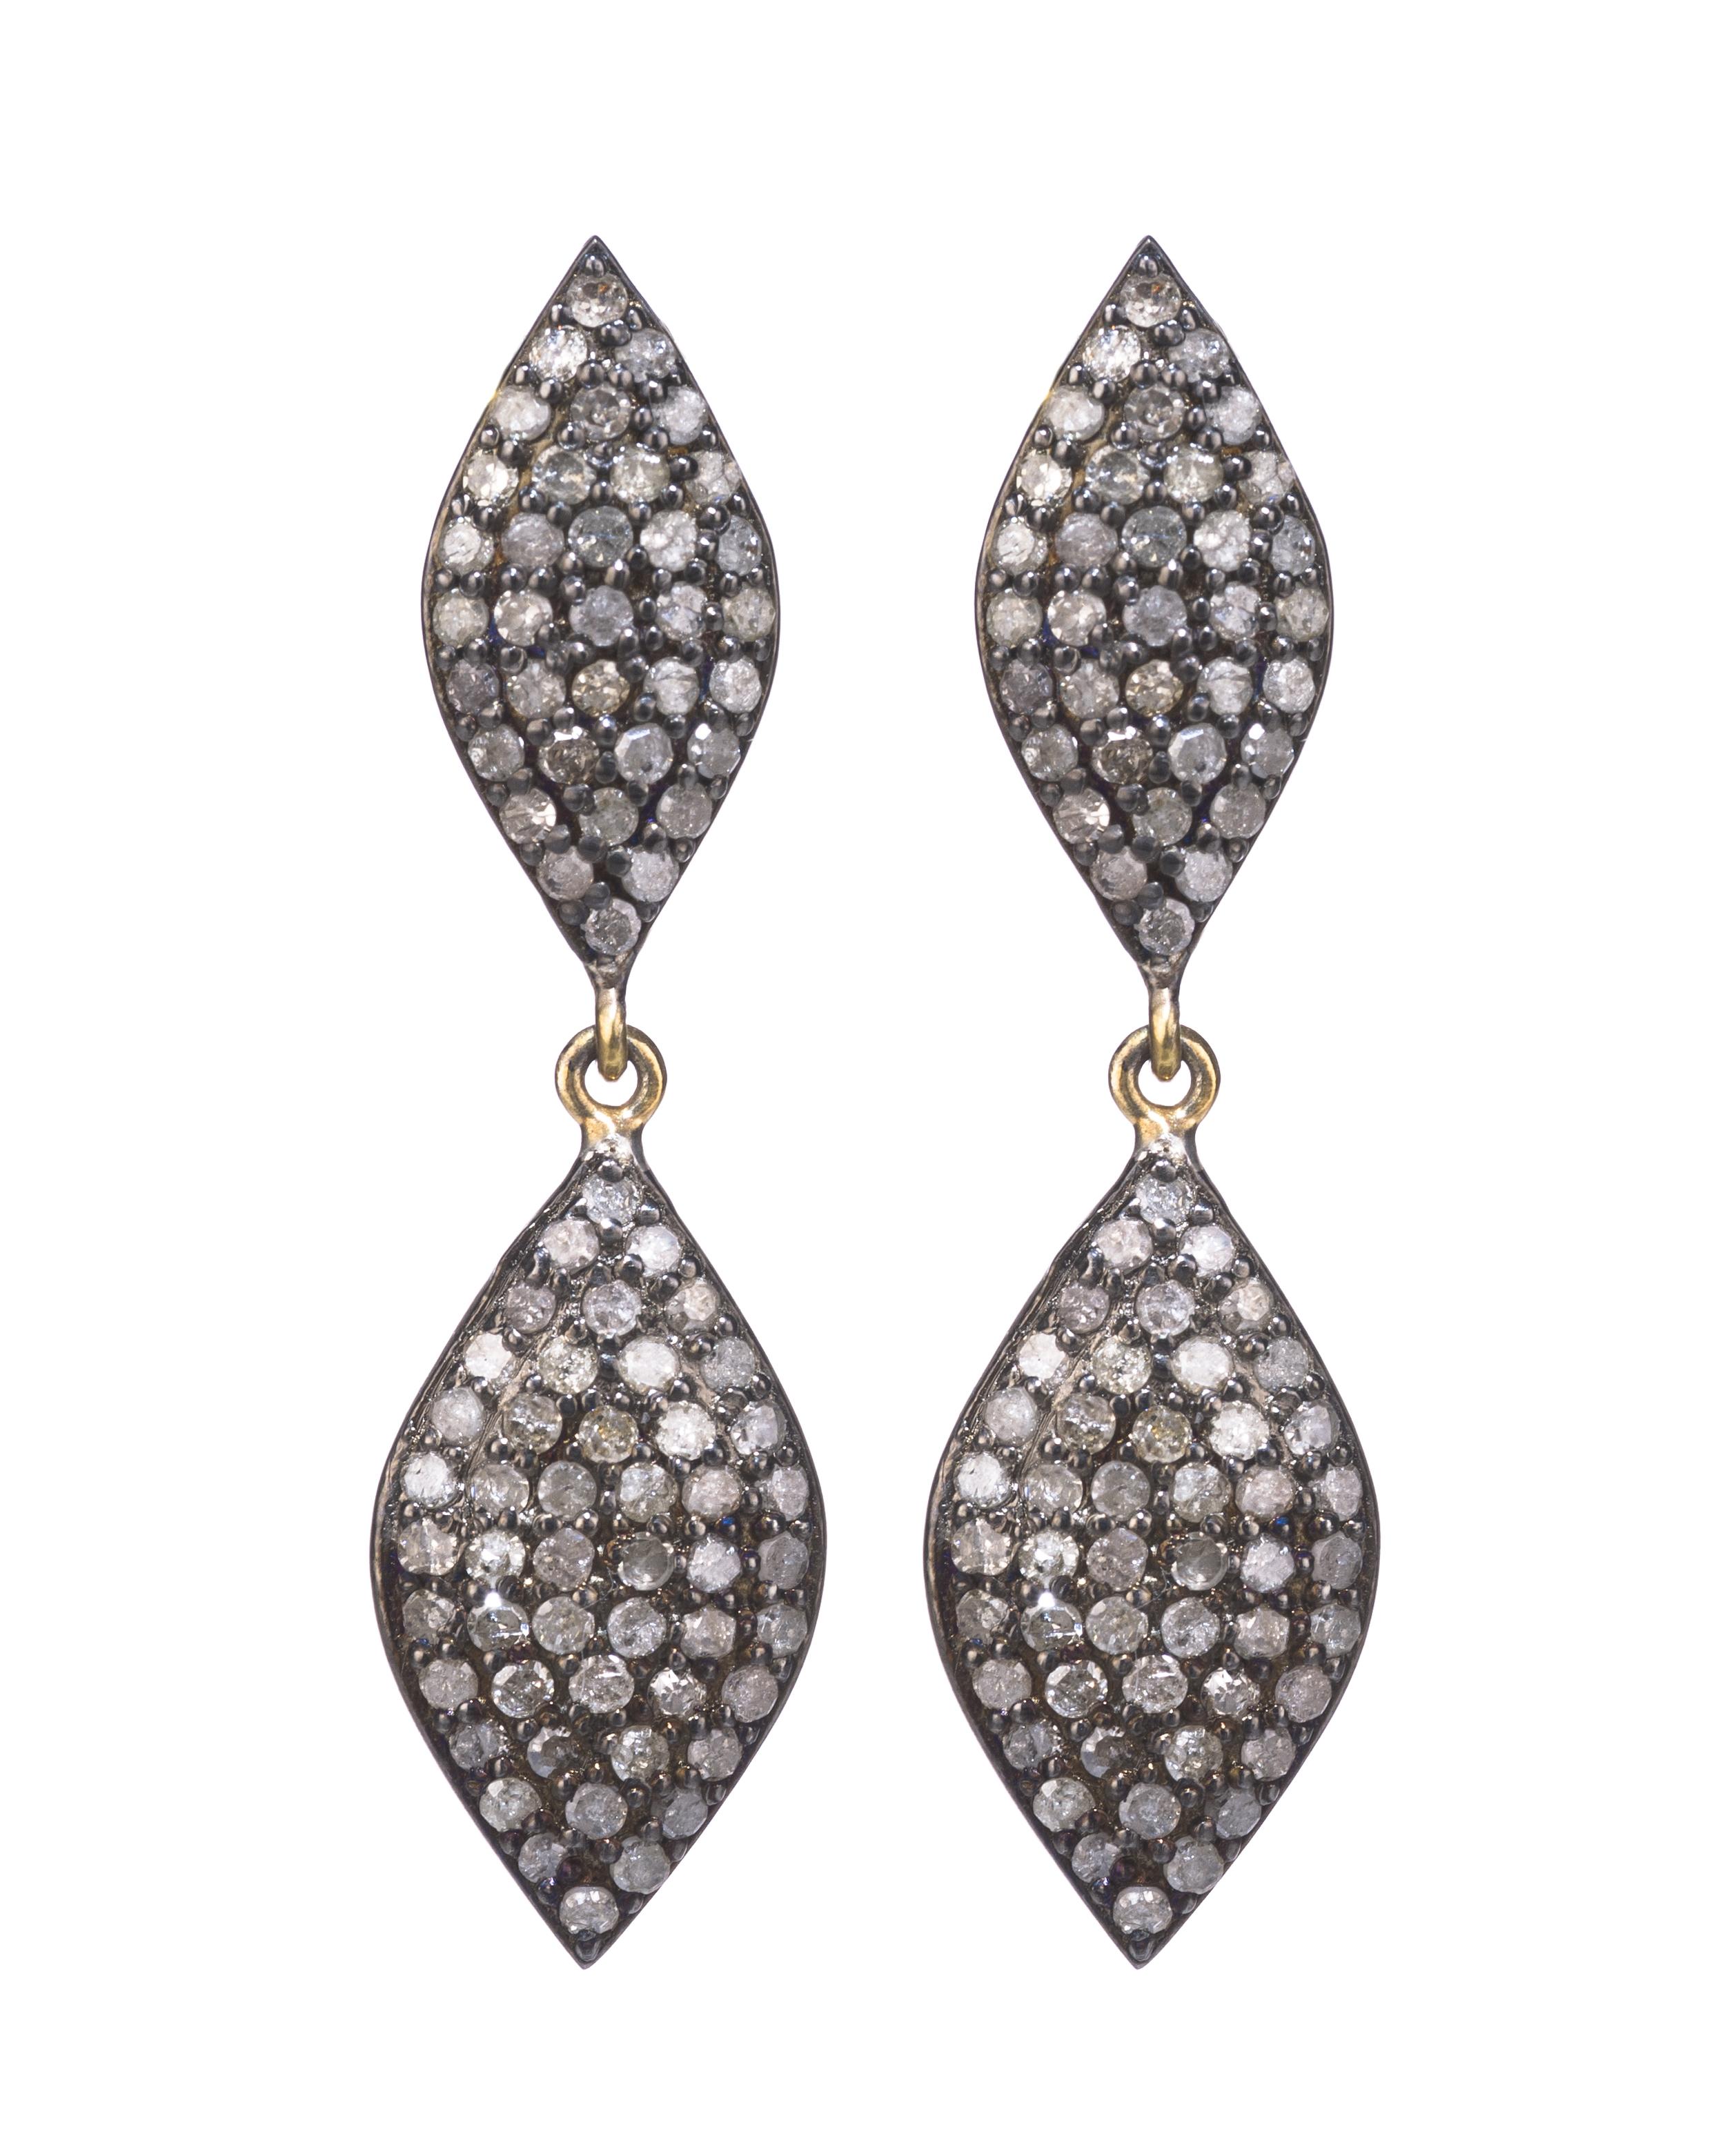 79 small double tier groovy earrings.jpg